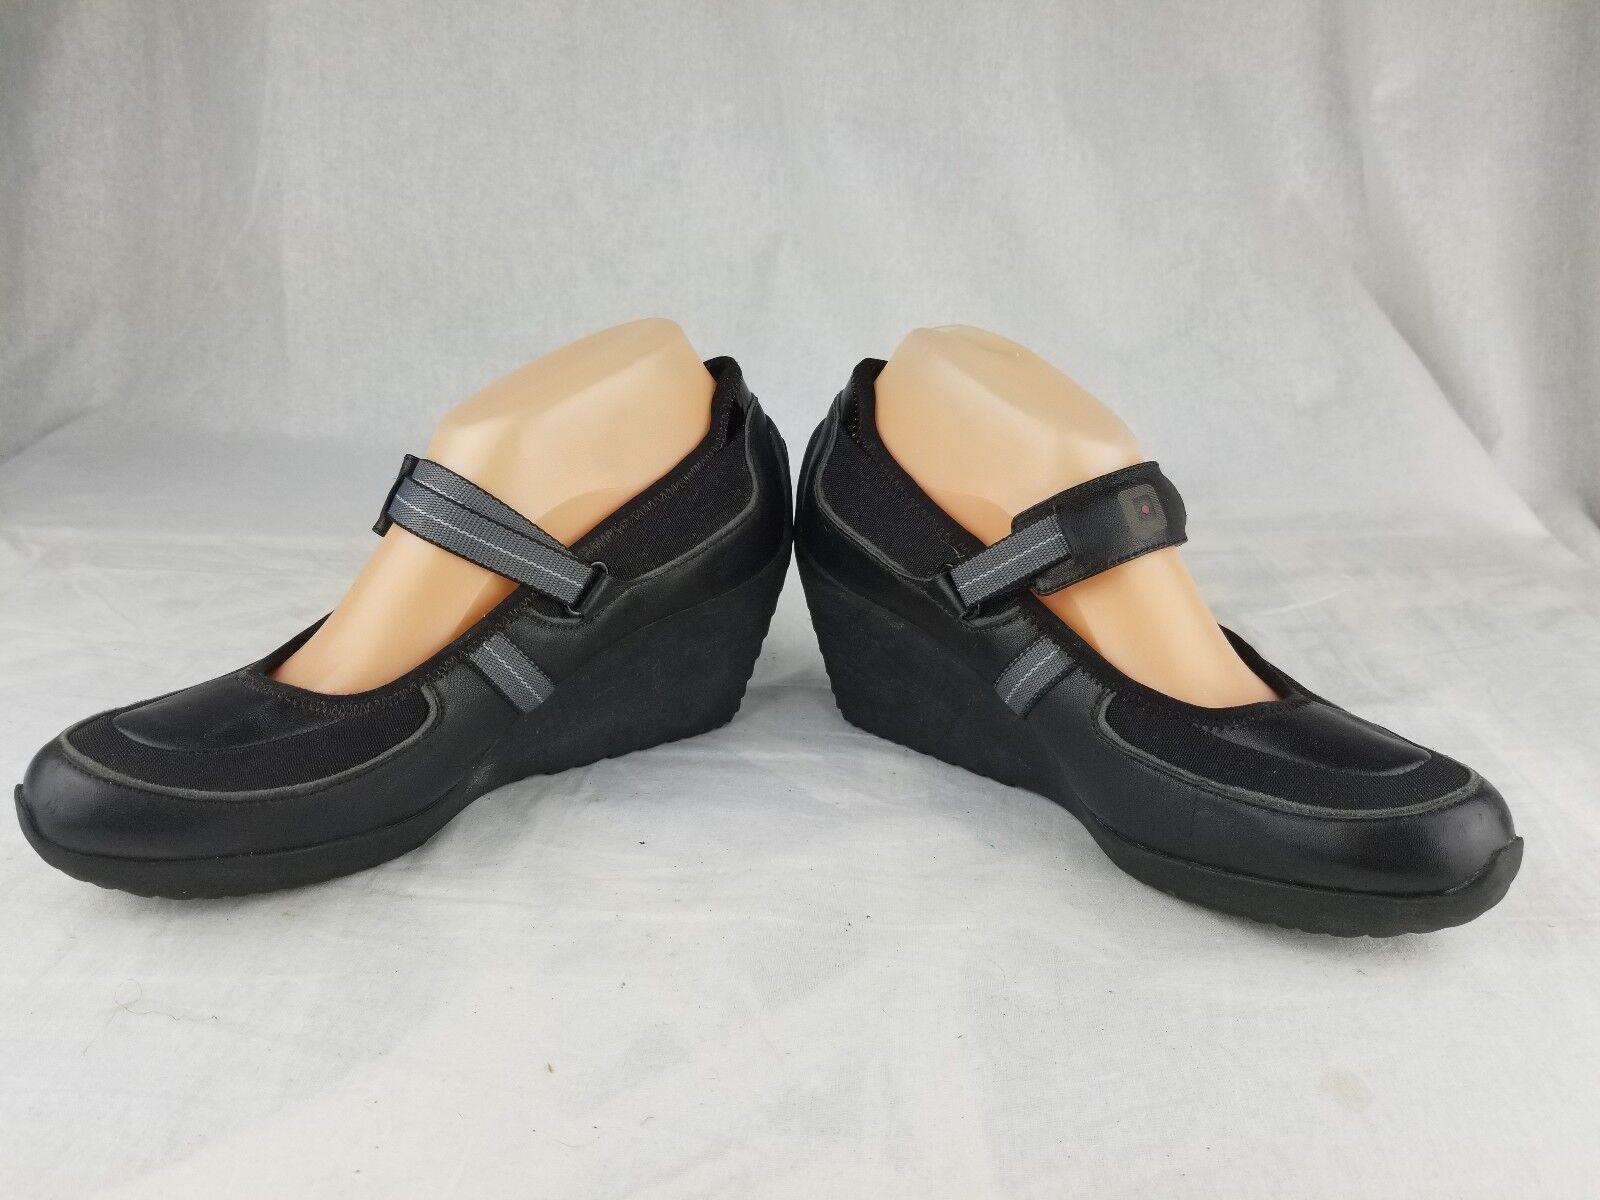 Donna  TSUBO COTIS sporty futureristic wedge Mary Jane scarpe US 9 nero  disponibile